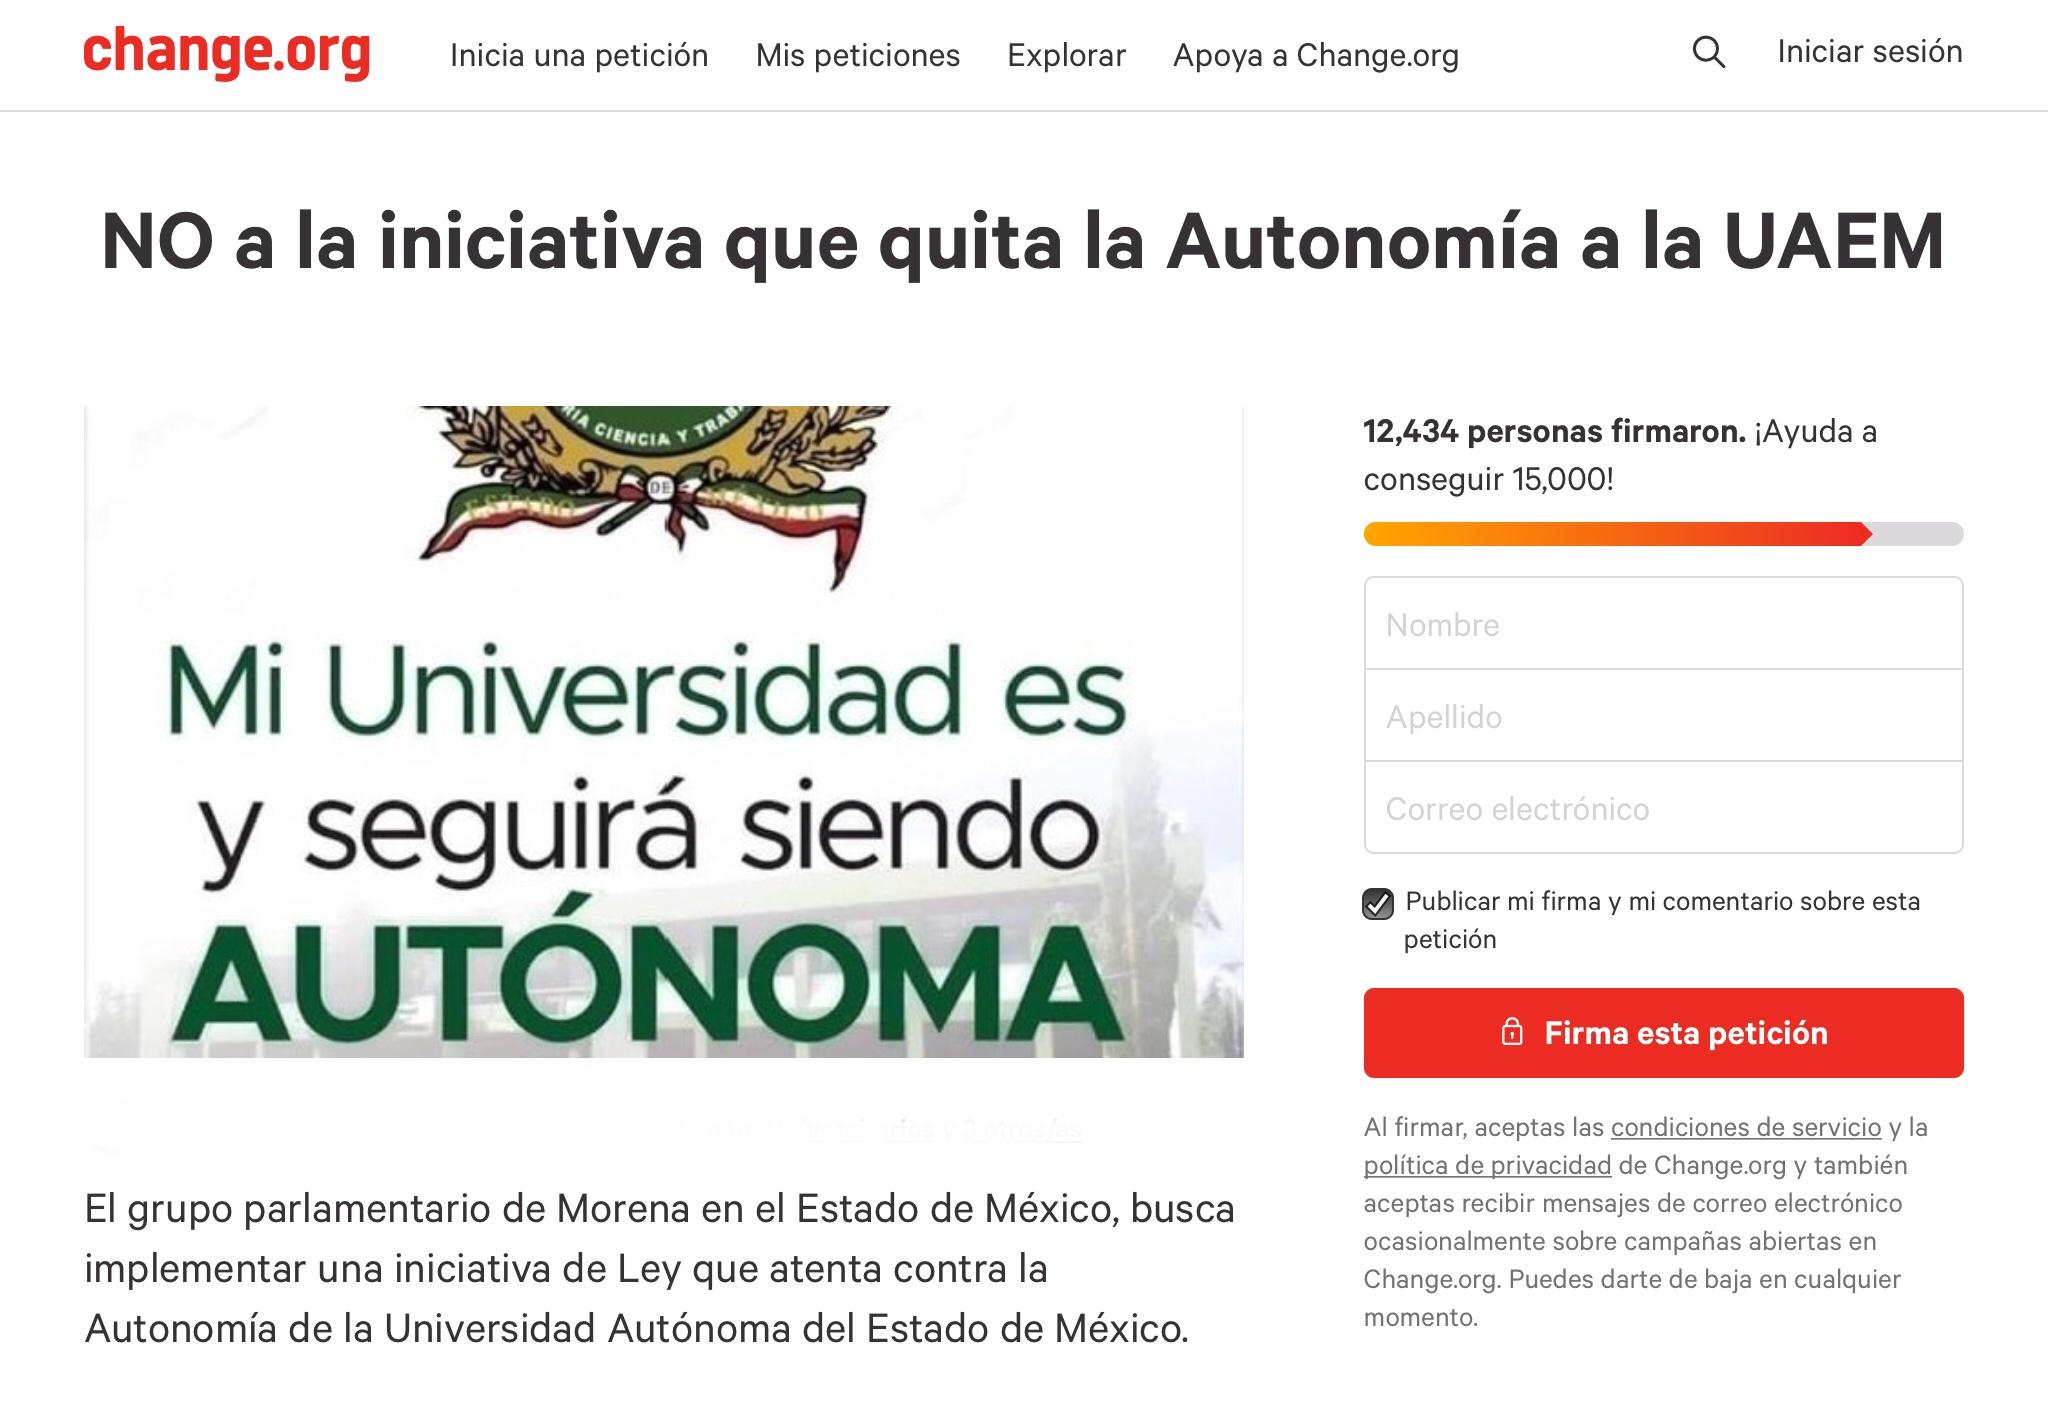 Acusan interés oculto en petición para destituir al rector y Consejo Universitario